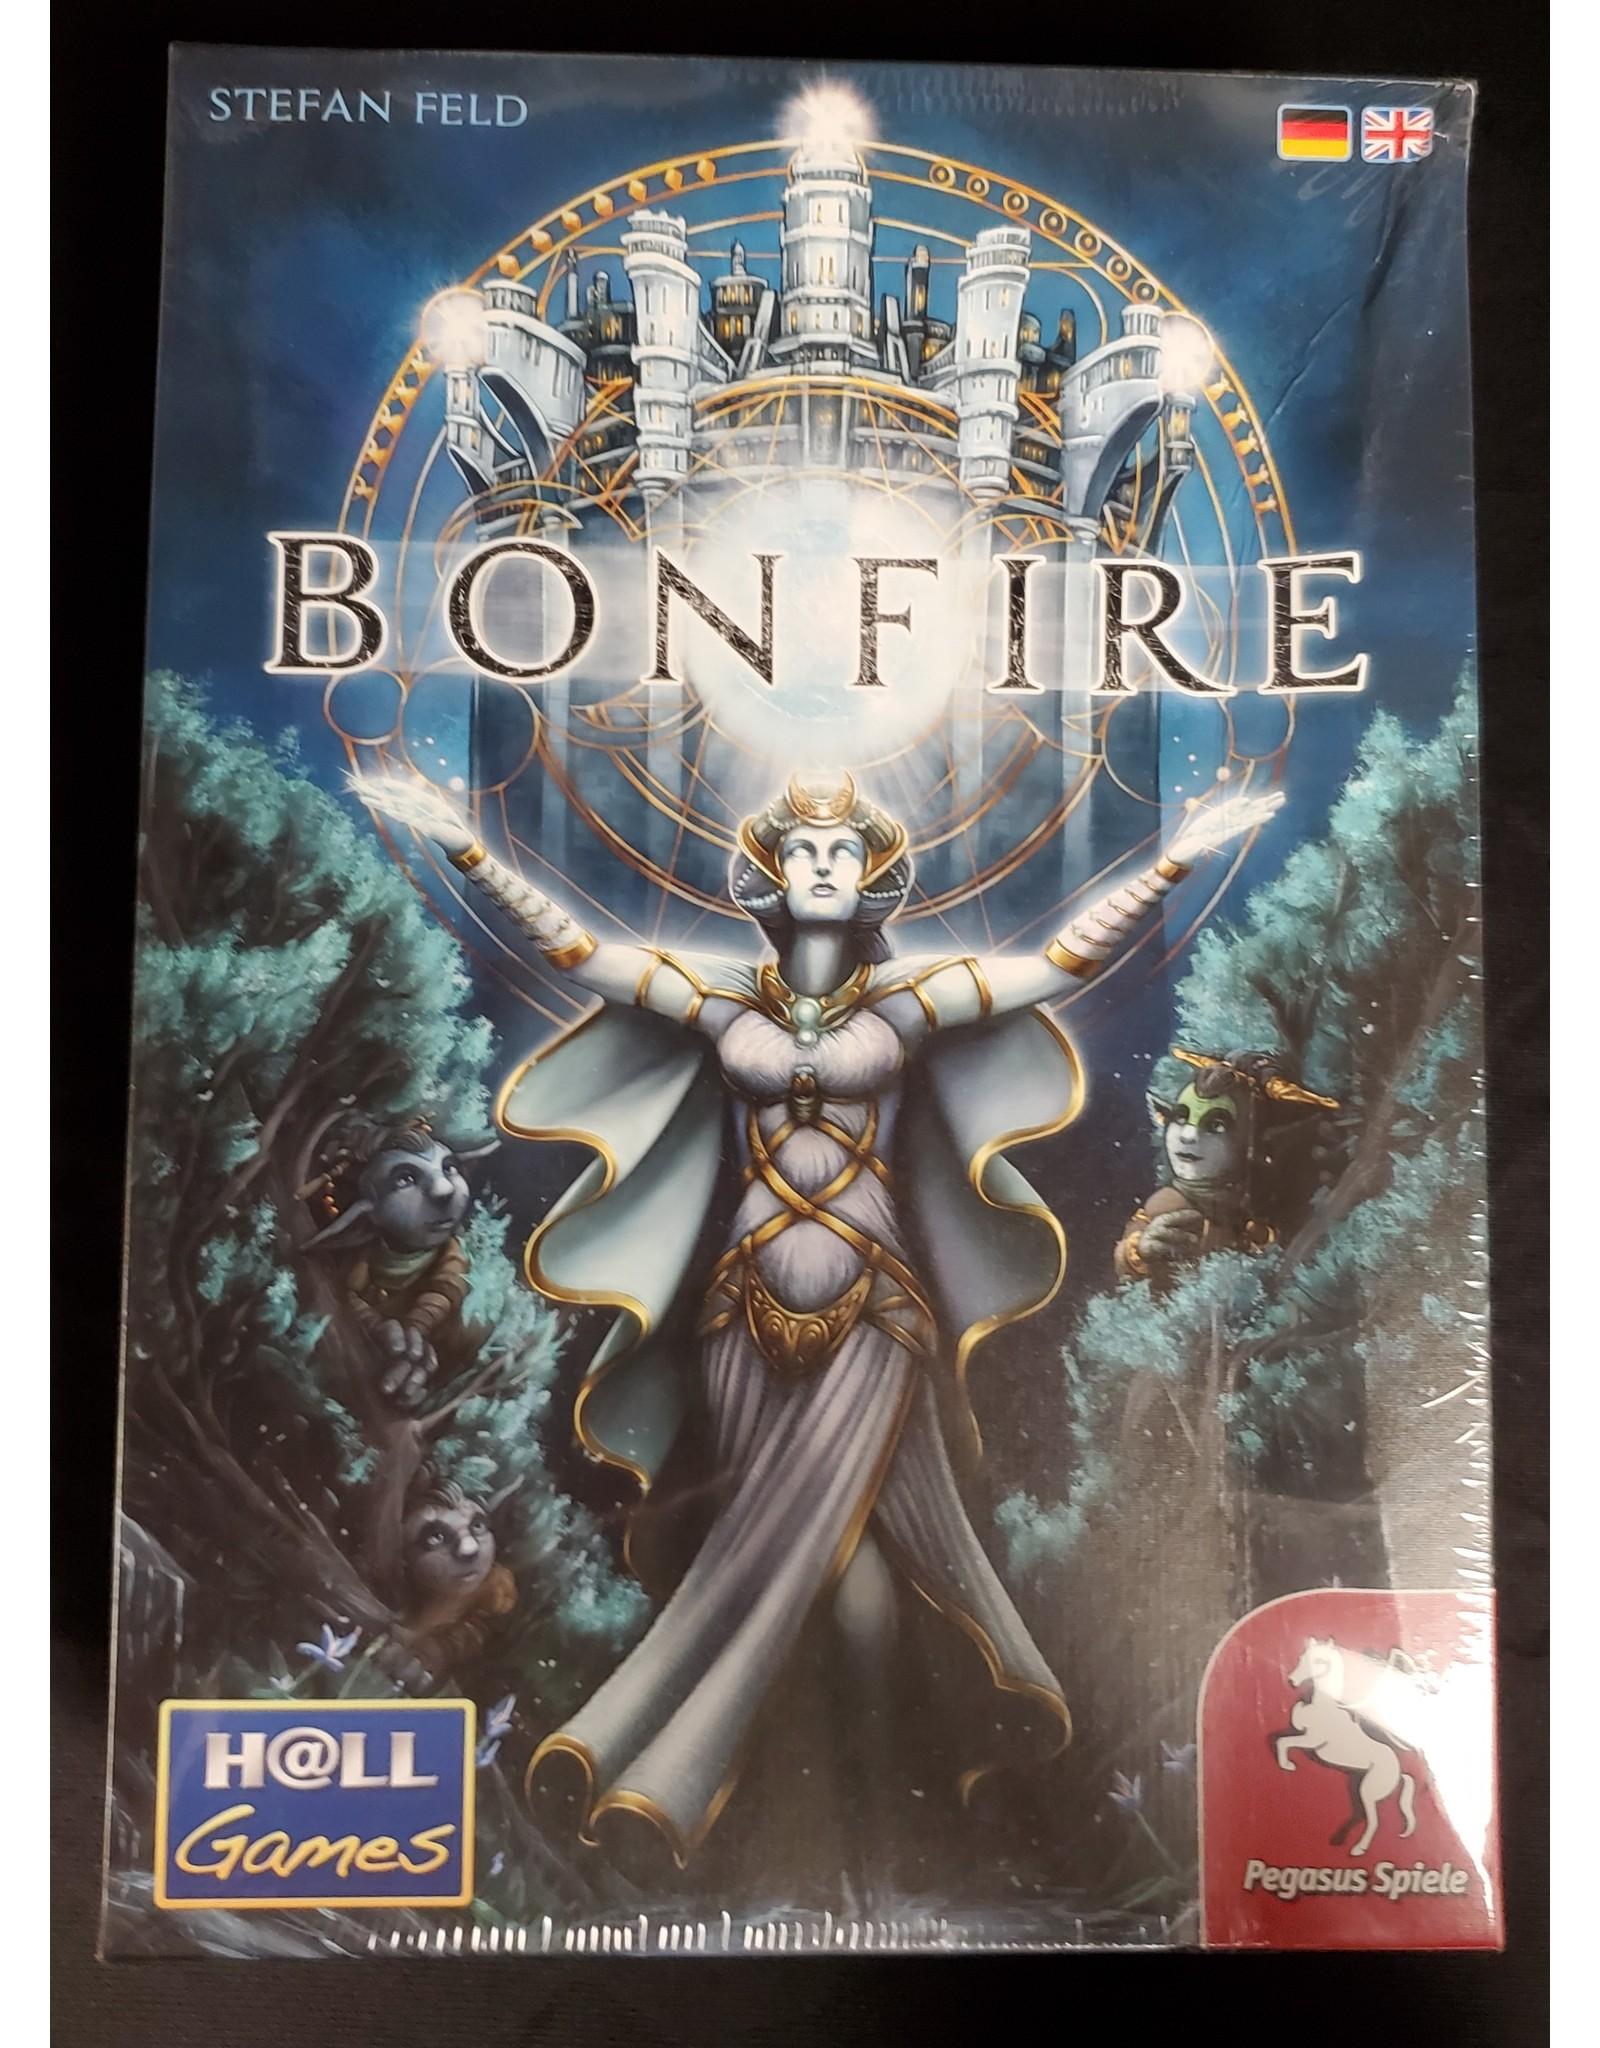 Ding & Dent Bonfire (Ding & Dent)